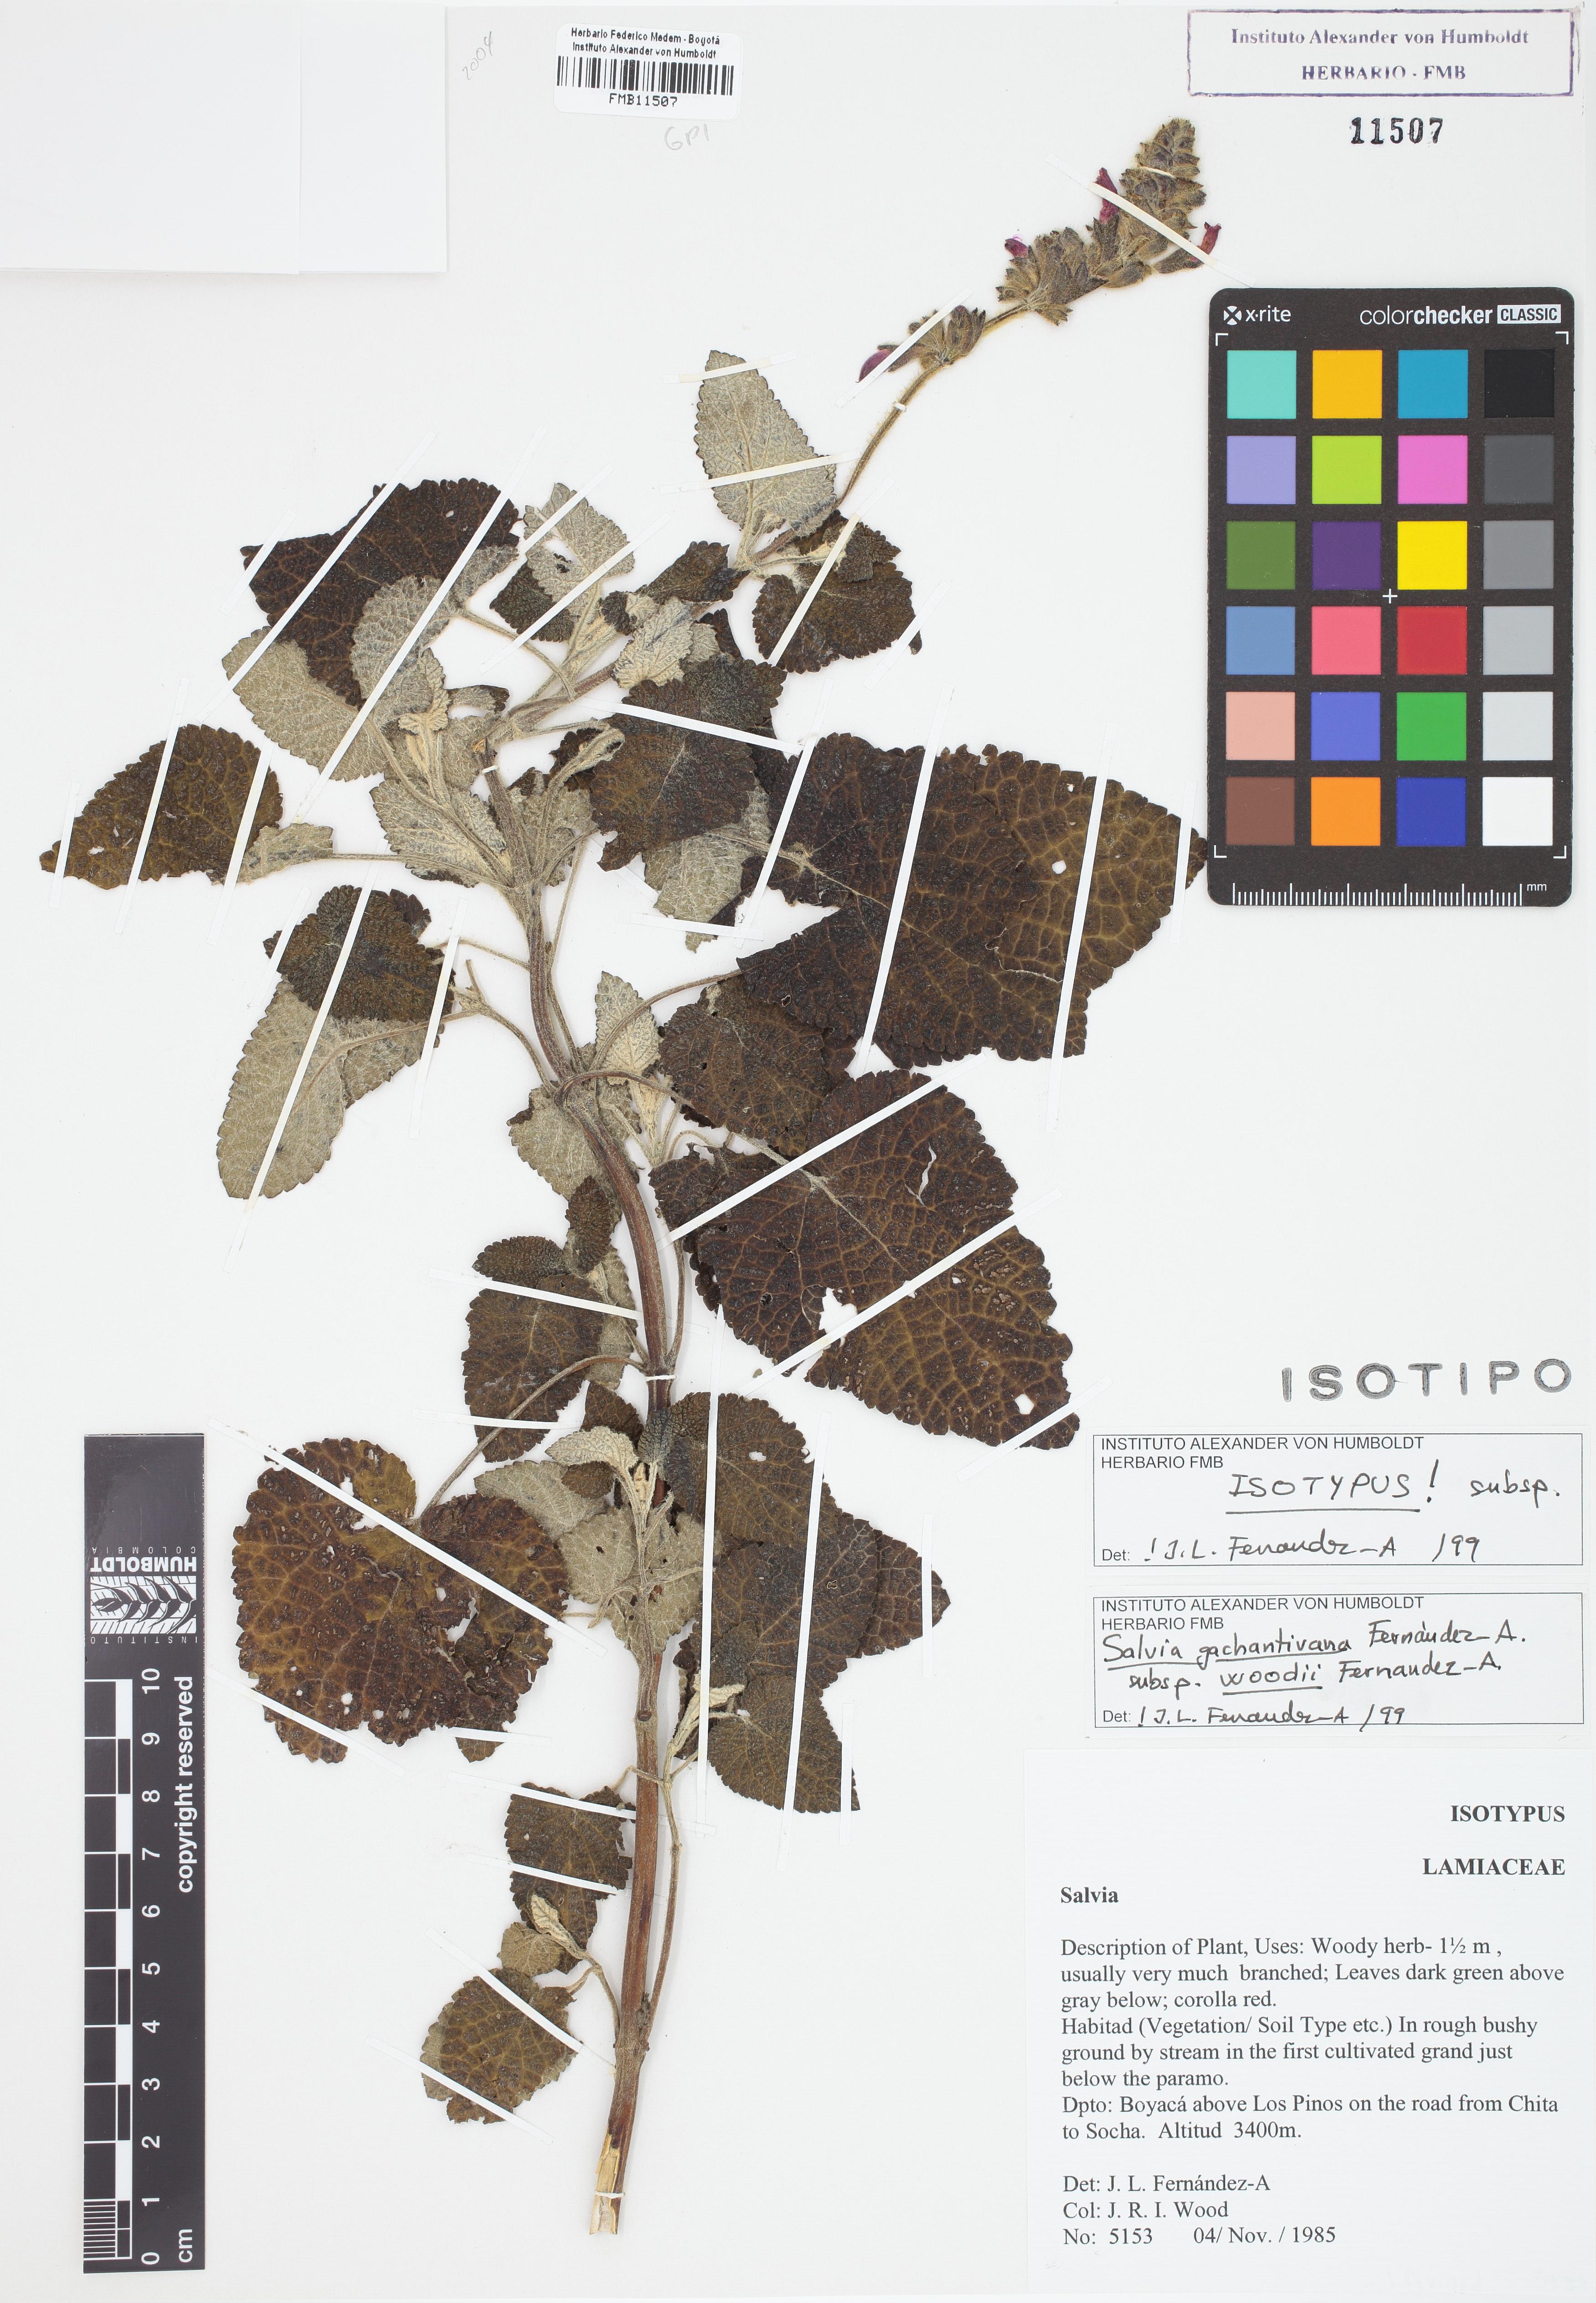 Isotipo de <em>Salvia gachantivana</em> subsp. <em>woodii</em>, FMB-11507, Fotografía por Robles A.